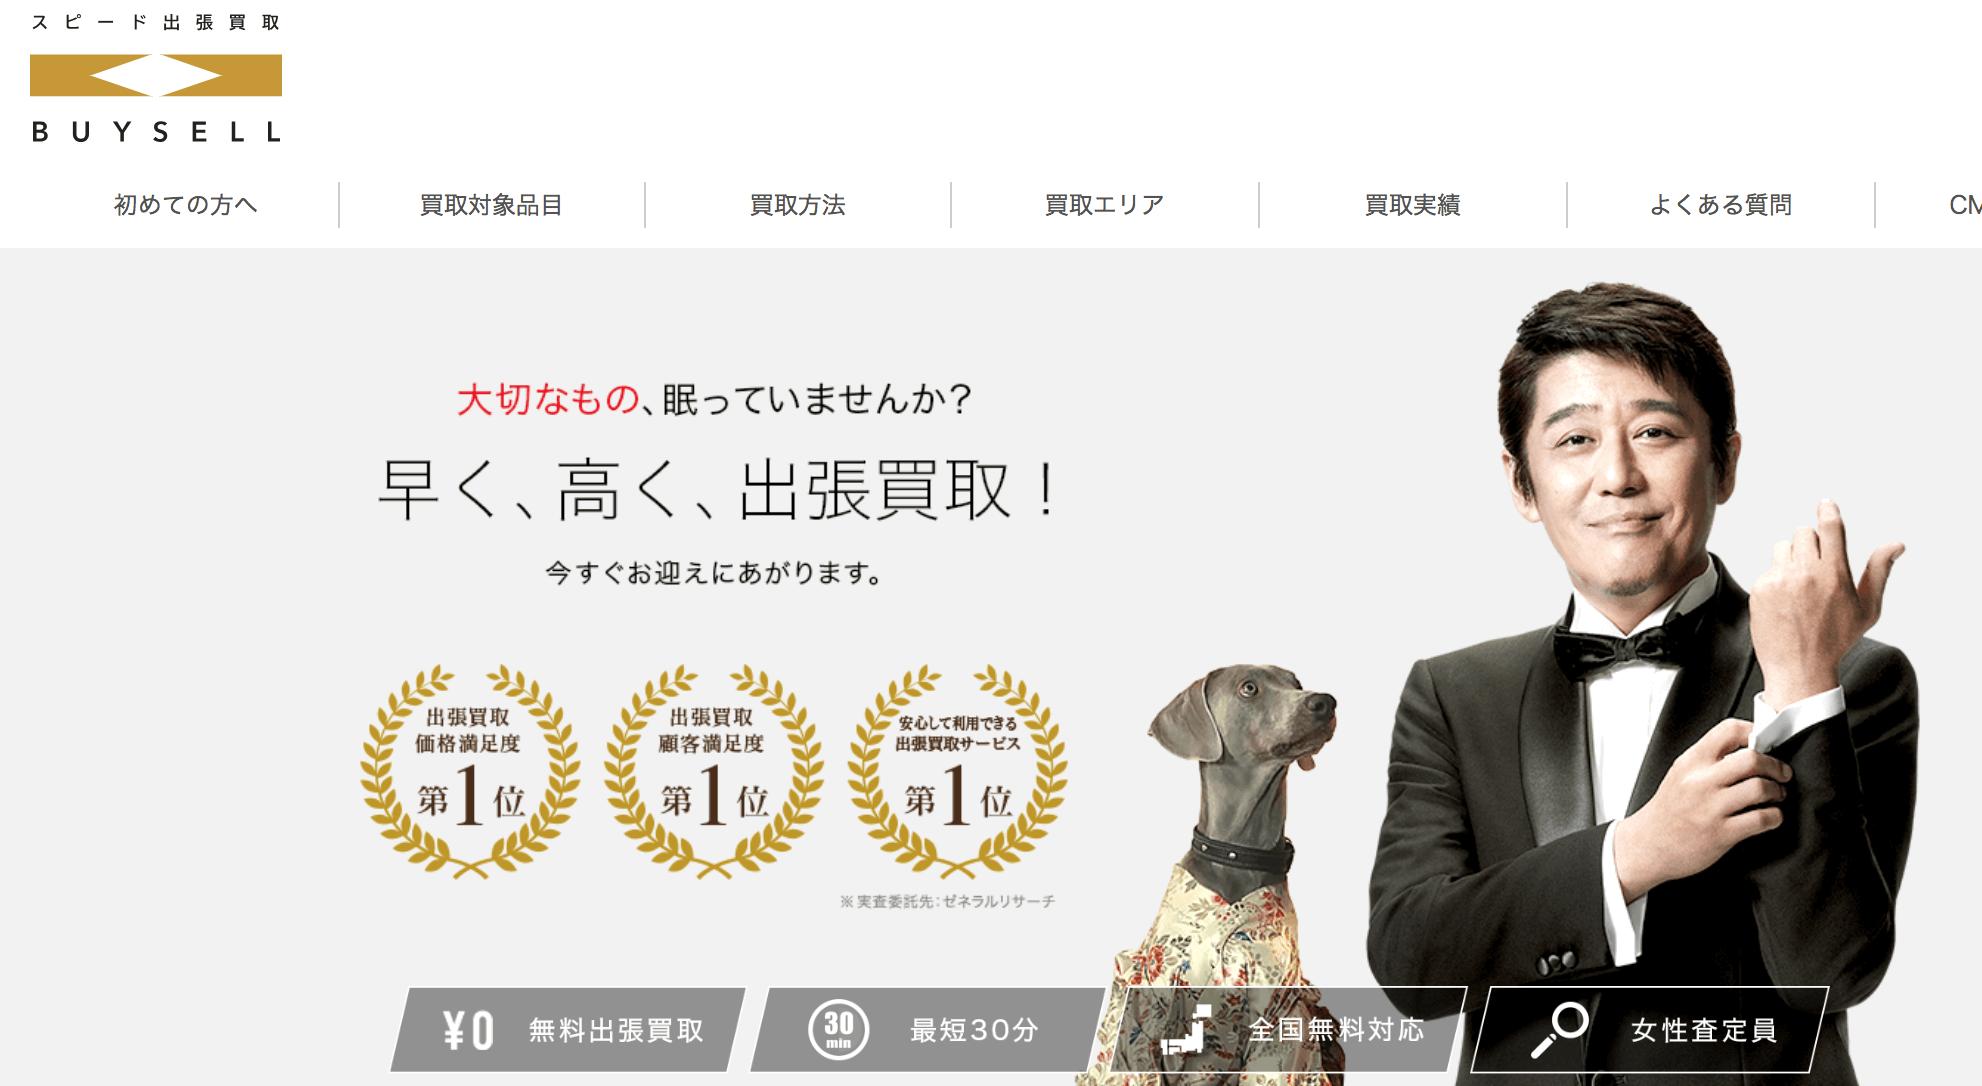 バイセル(スピード買取.jp)の公式サイト